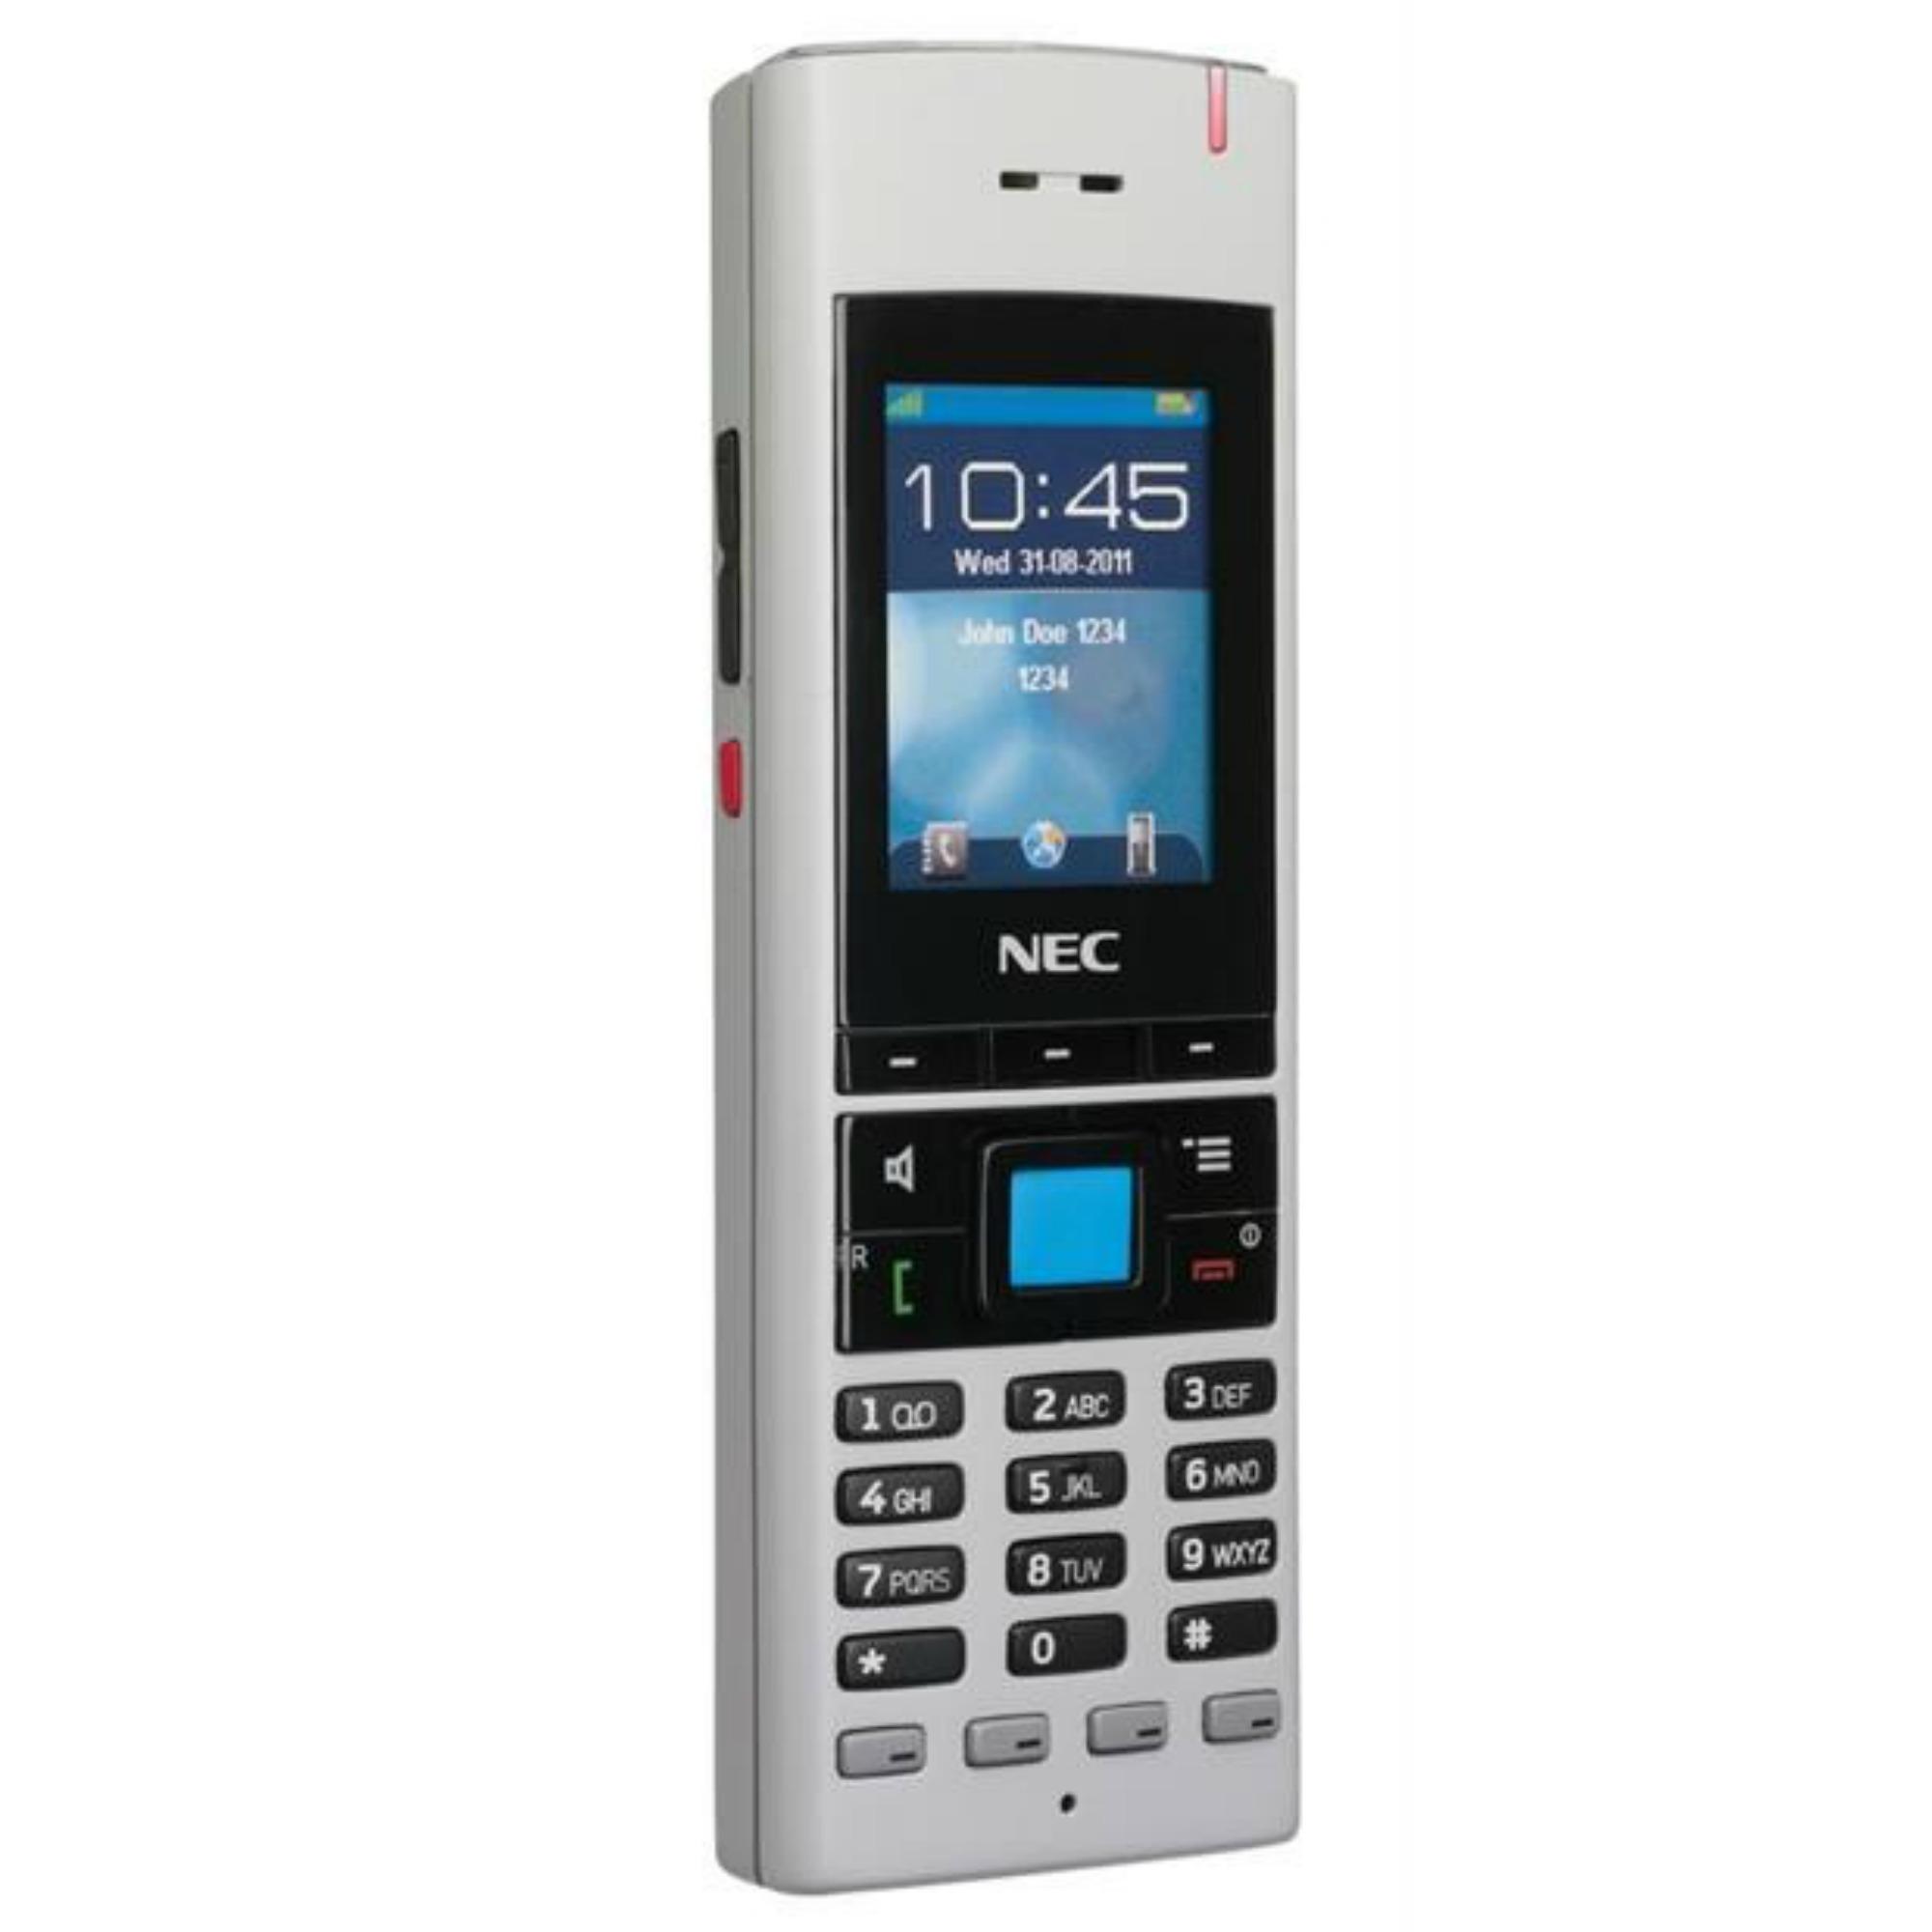 NEC G566s DECT handset